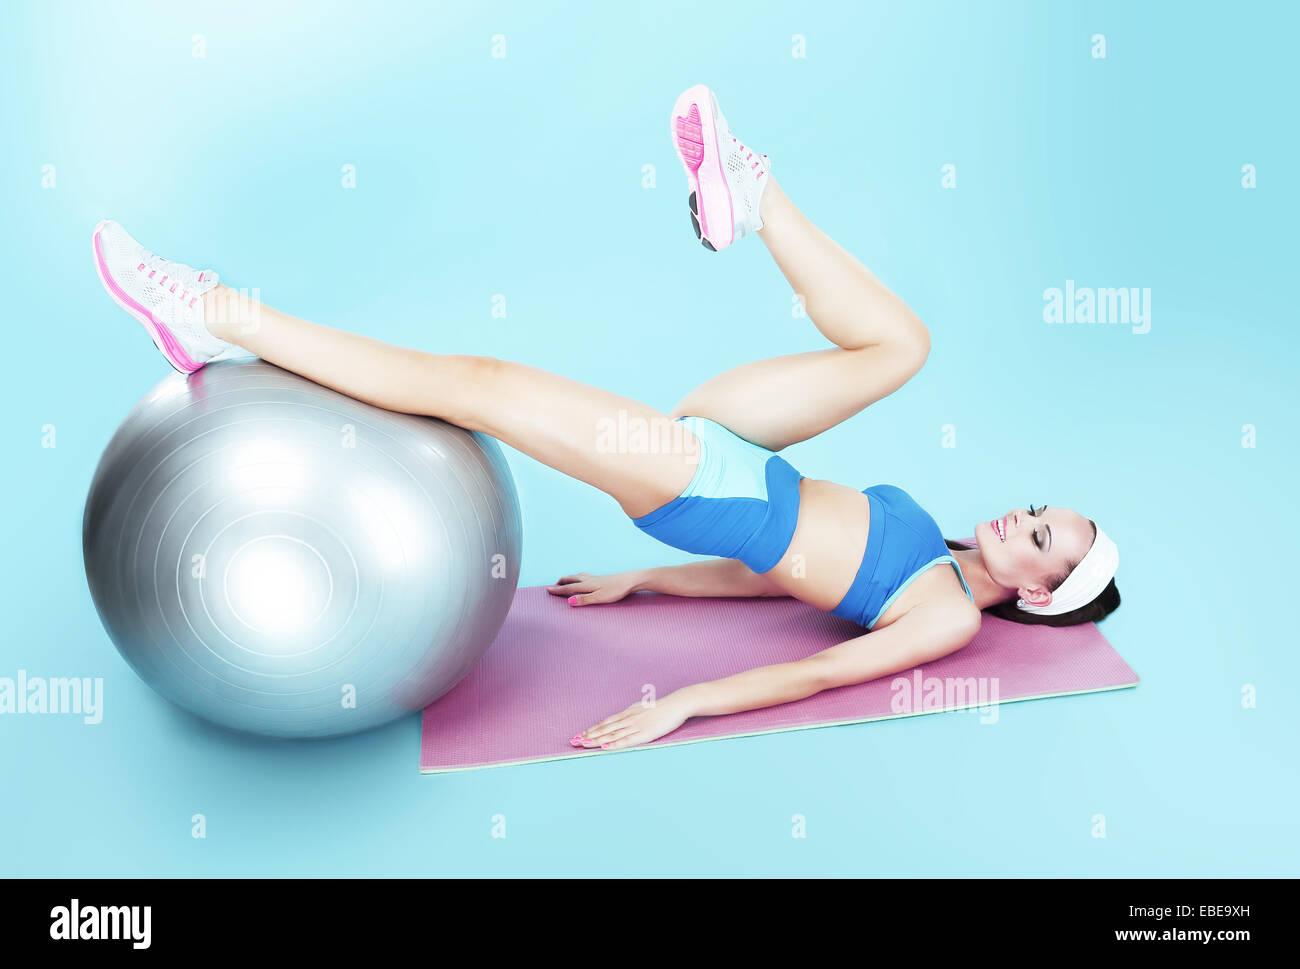 Allenamento. Donna attivo esercizio con palla Fitness Immagini Stock